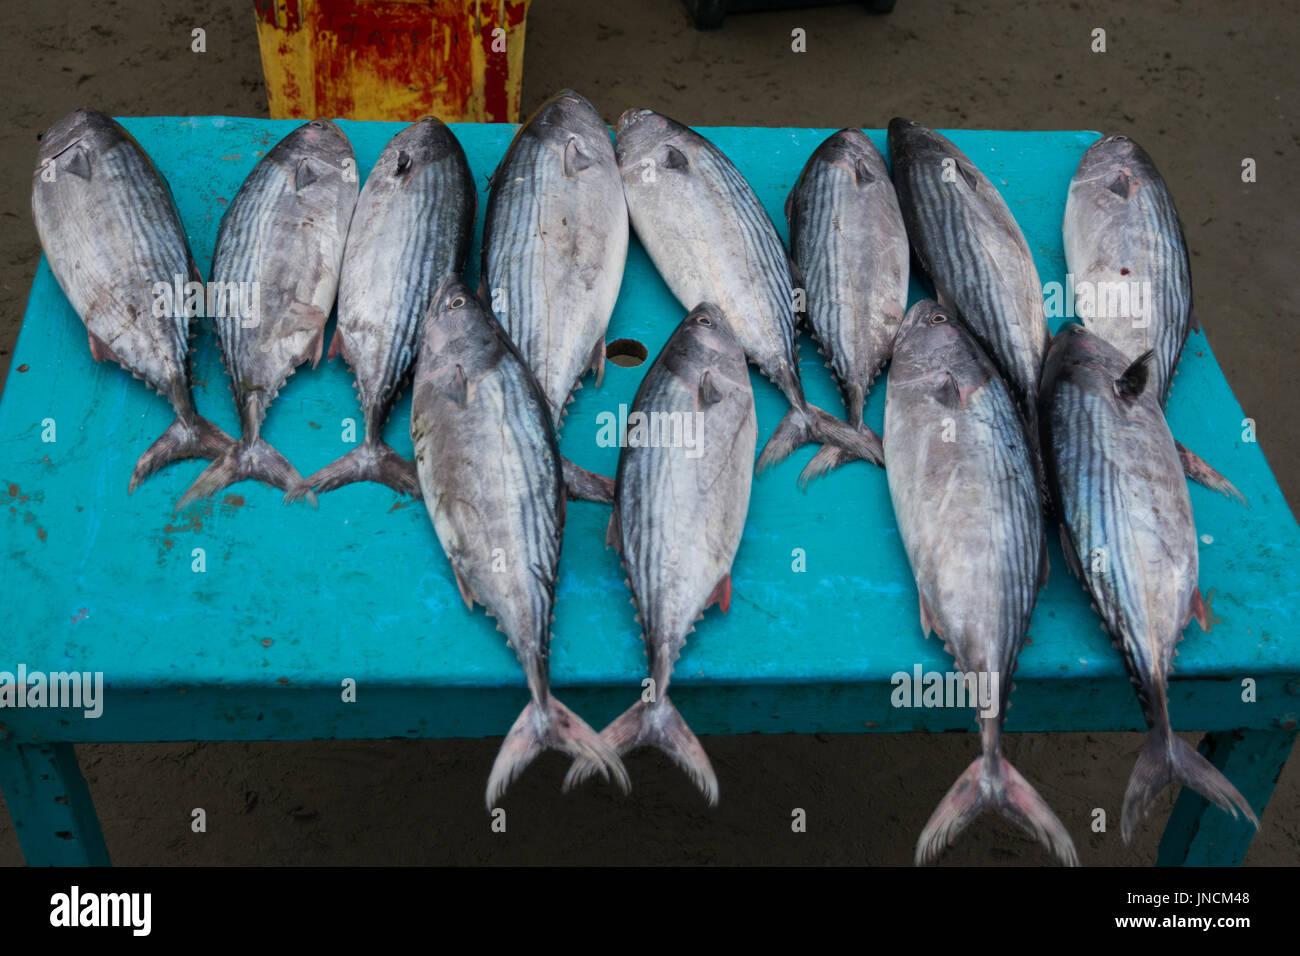 Mercado pesquero en Puerto López, Ecuador Imagen De Stock